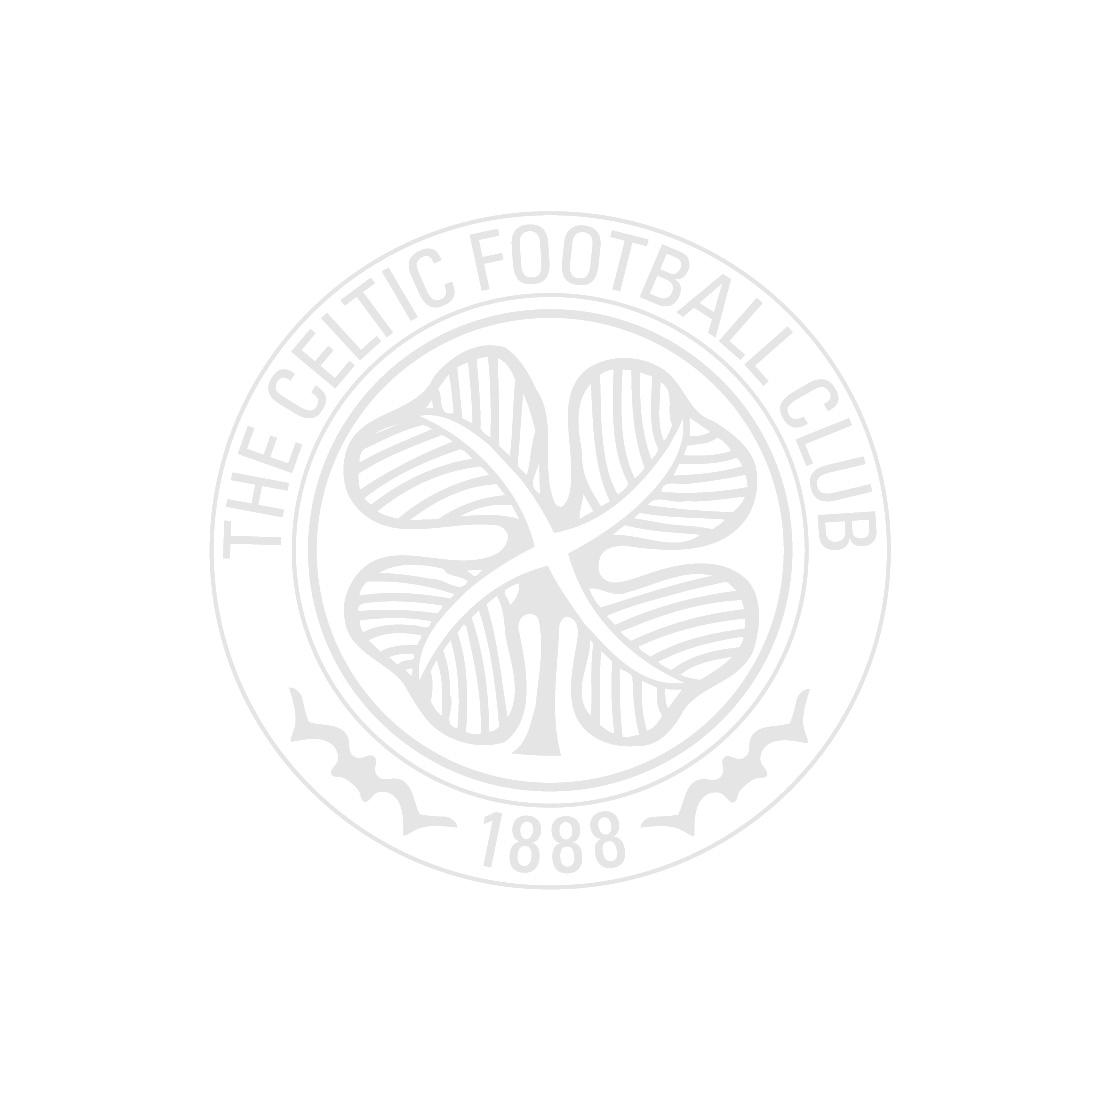 Celtic Club Crest Wallpaper Border